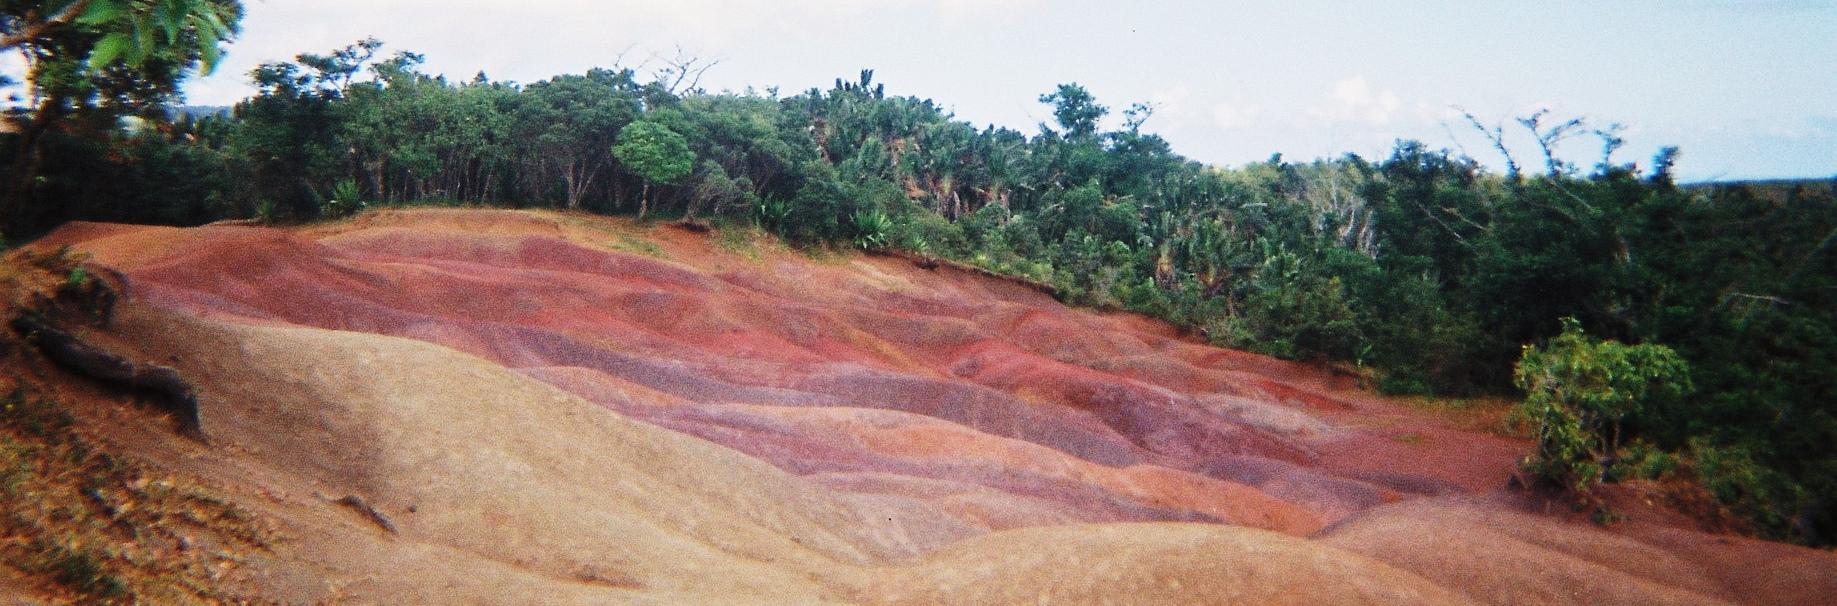 Ile Maurice, Terre aux sept couleurs